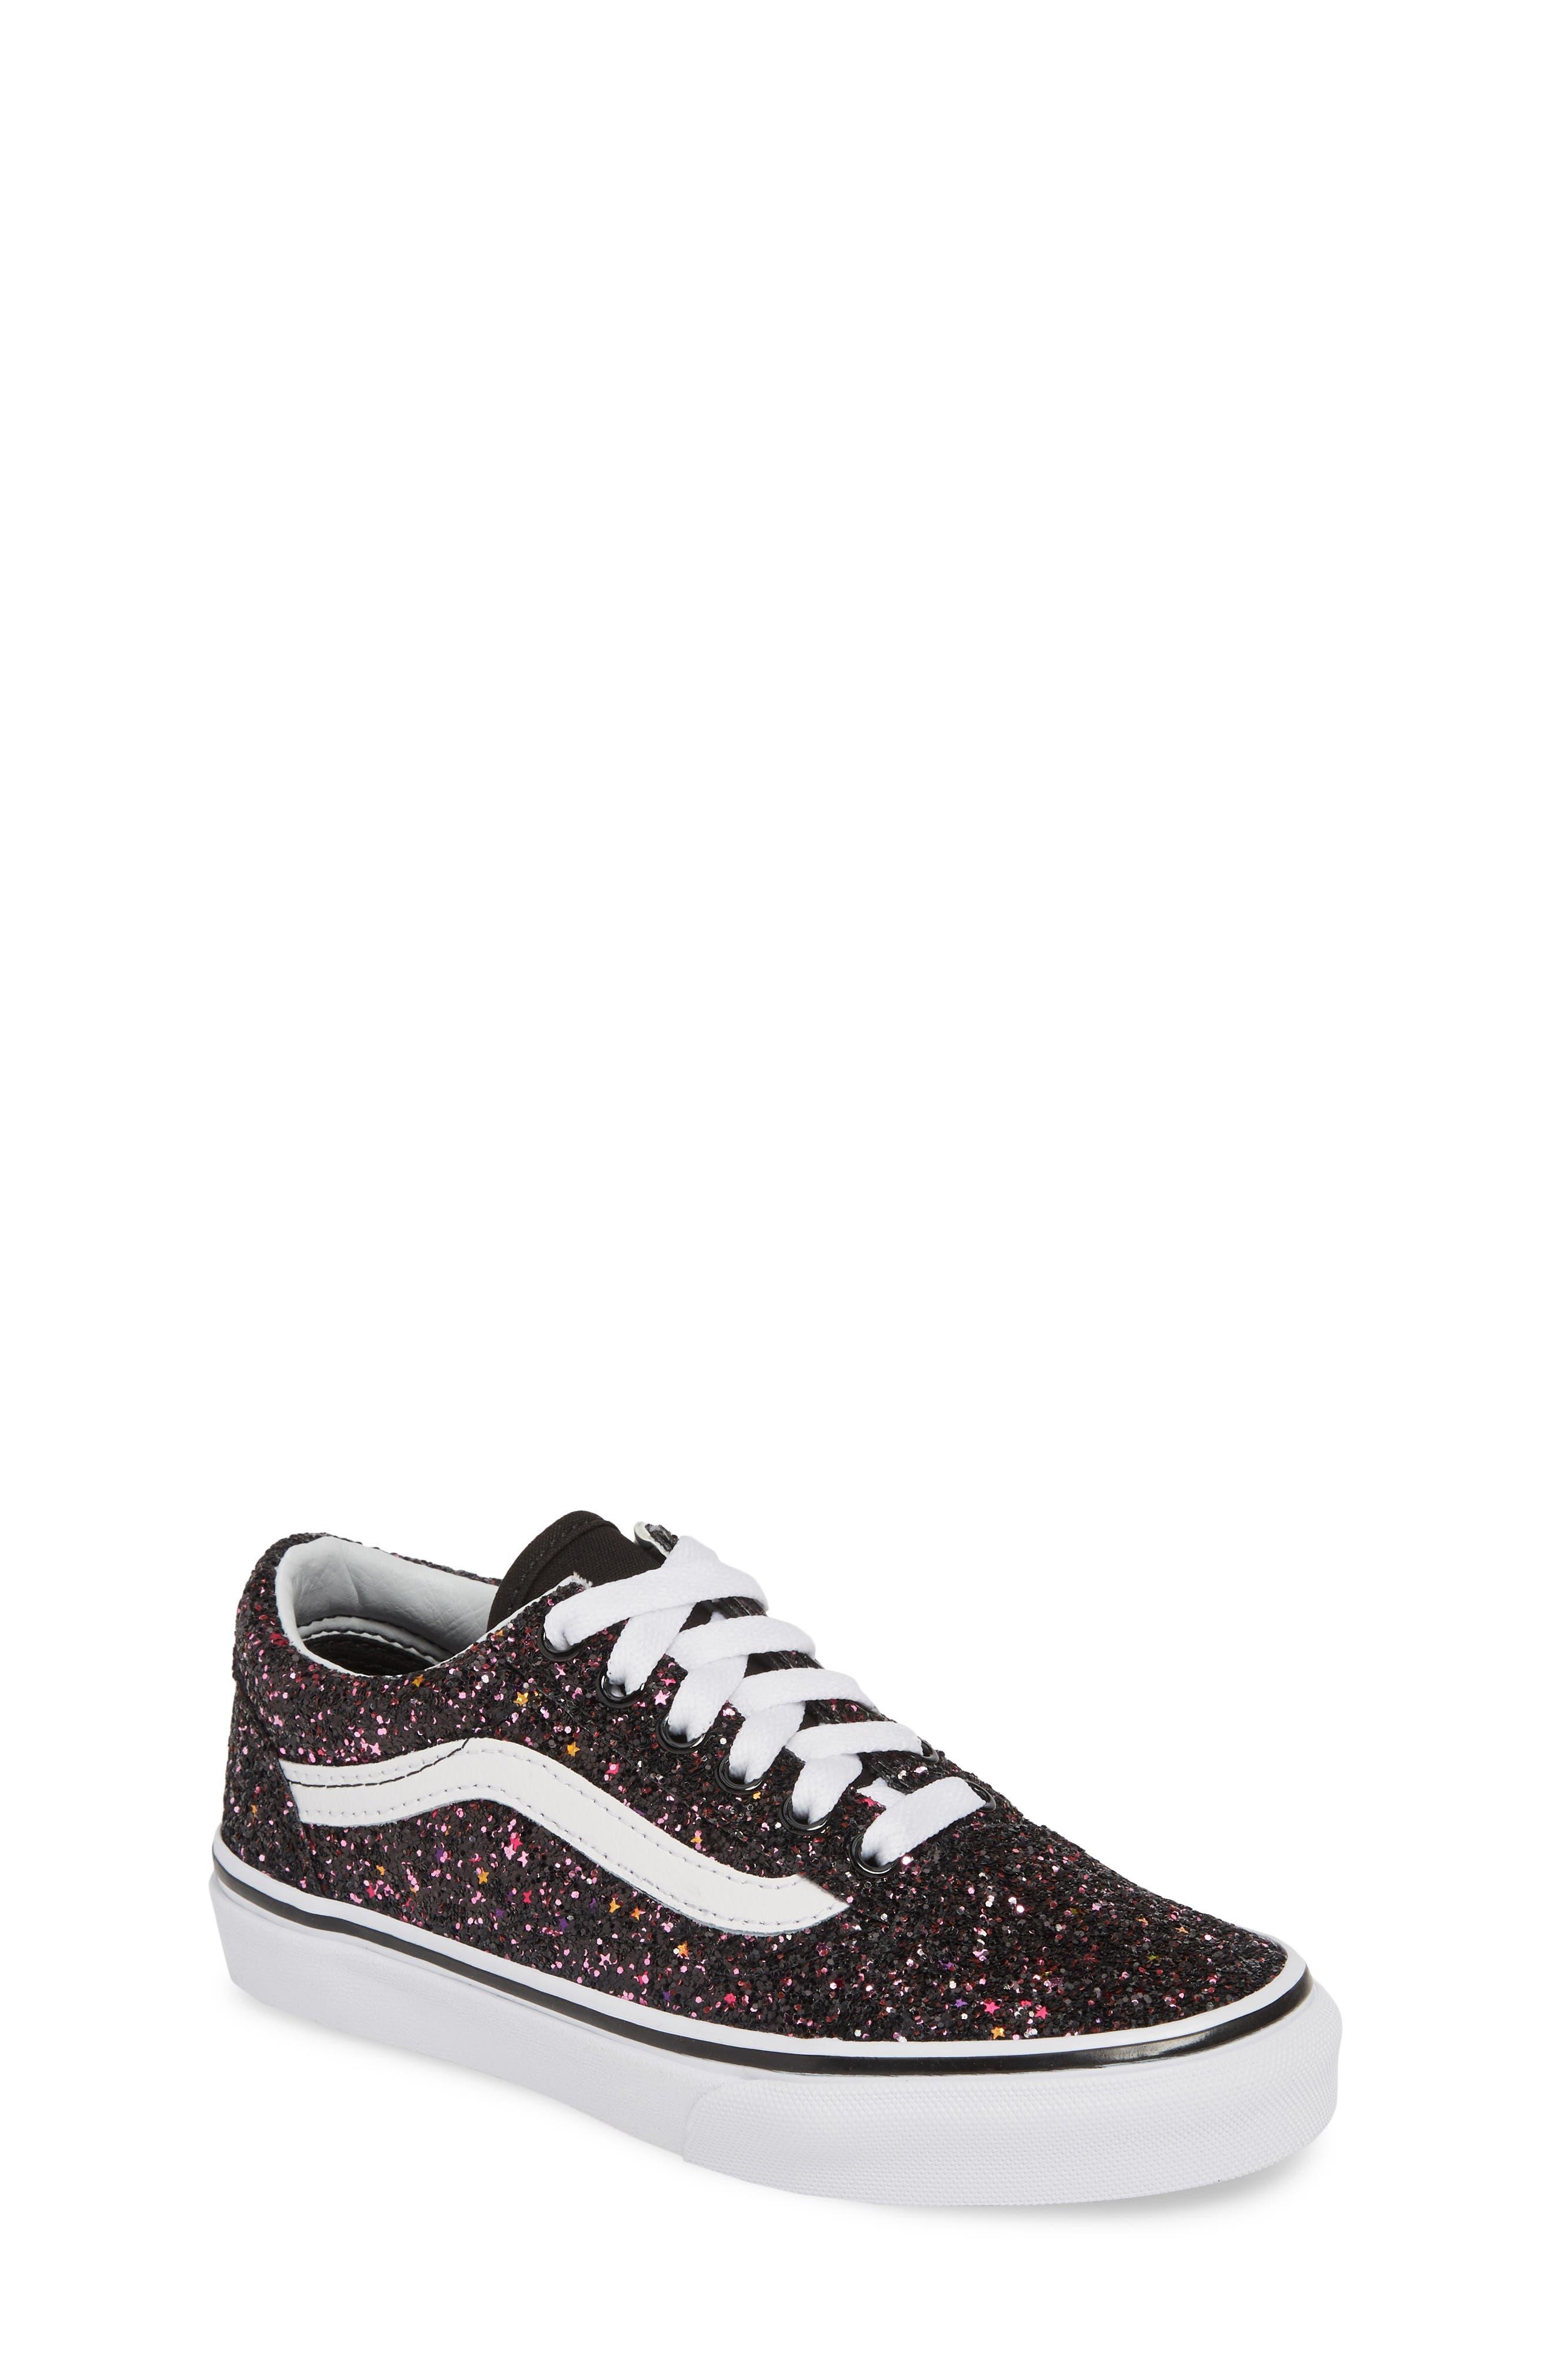 VANS,                             Old Skool Sneaker,                             Main thumbnail 1, color,                             GLITTER STARS BLACK/ WHITE